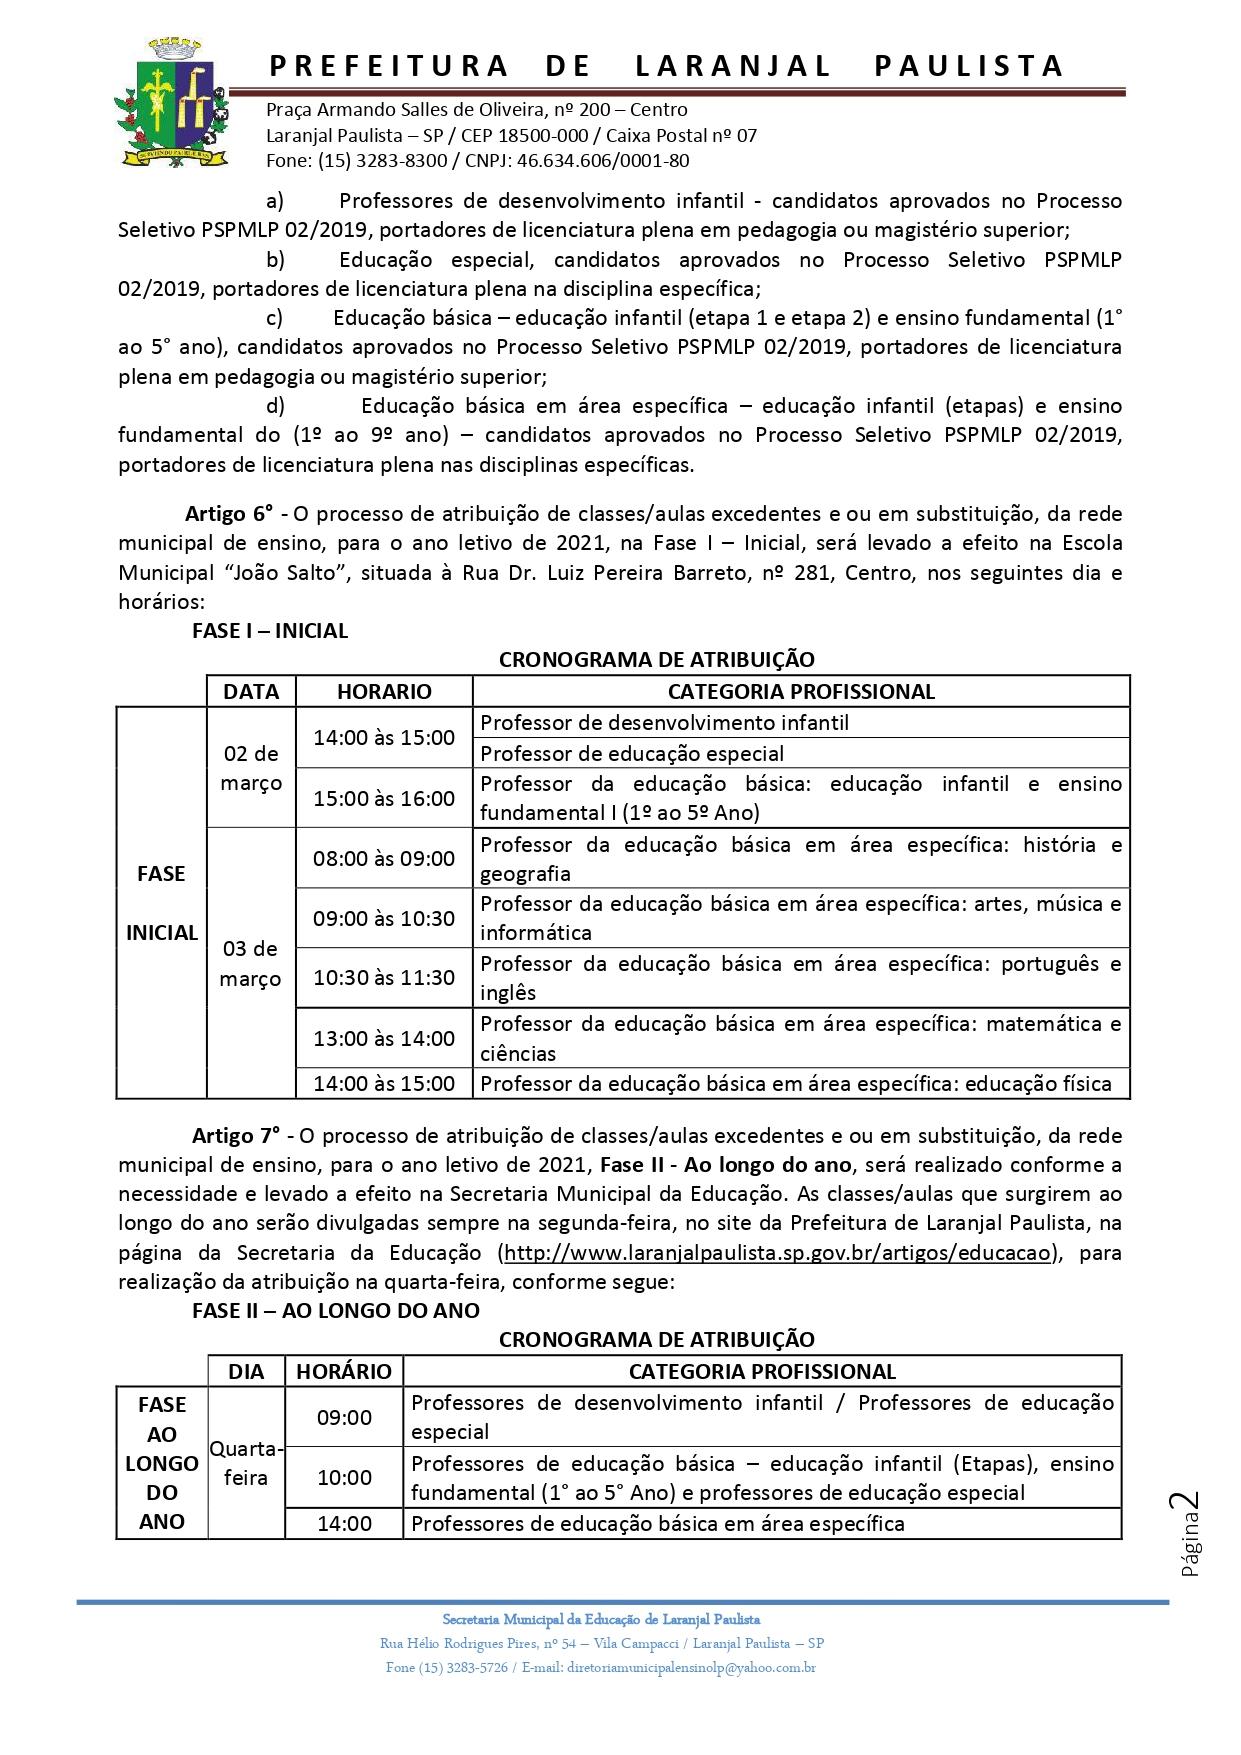 Atribuição de classes e ou aulas excedentes nº 002-2021